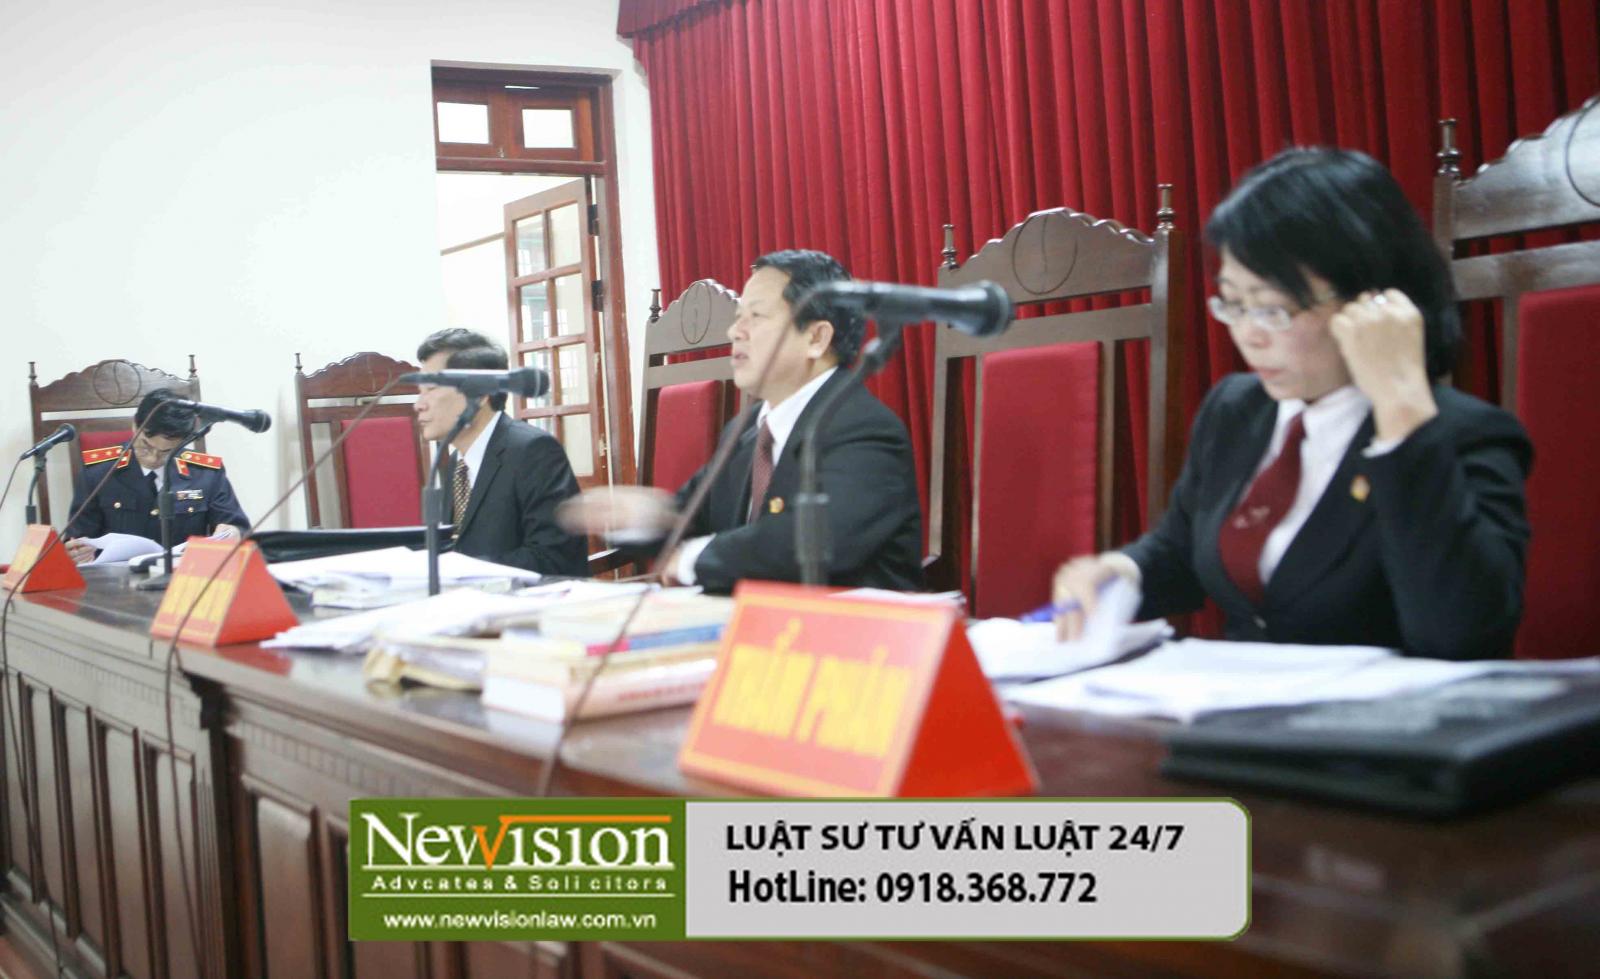 Công ty Newvision Law tham gia vụ việc tranh tụng quyền sử dụng đất tại tòa án sơ thẩm tỉnh Lạng Sơn